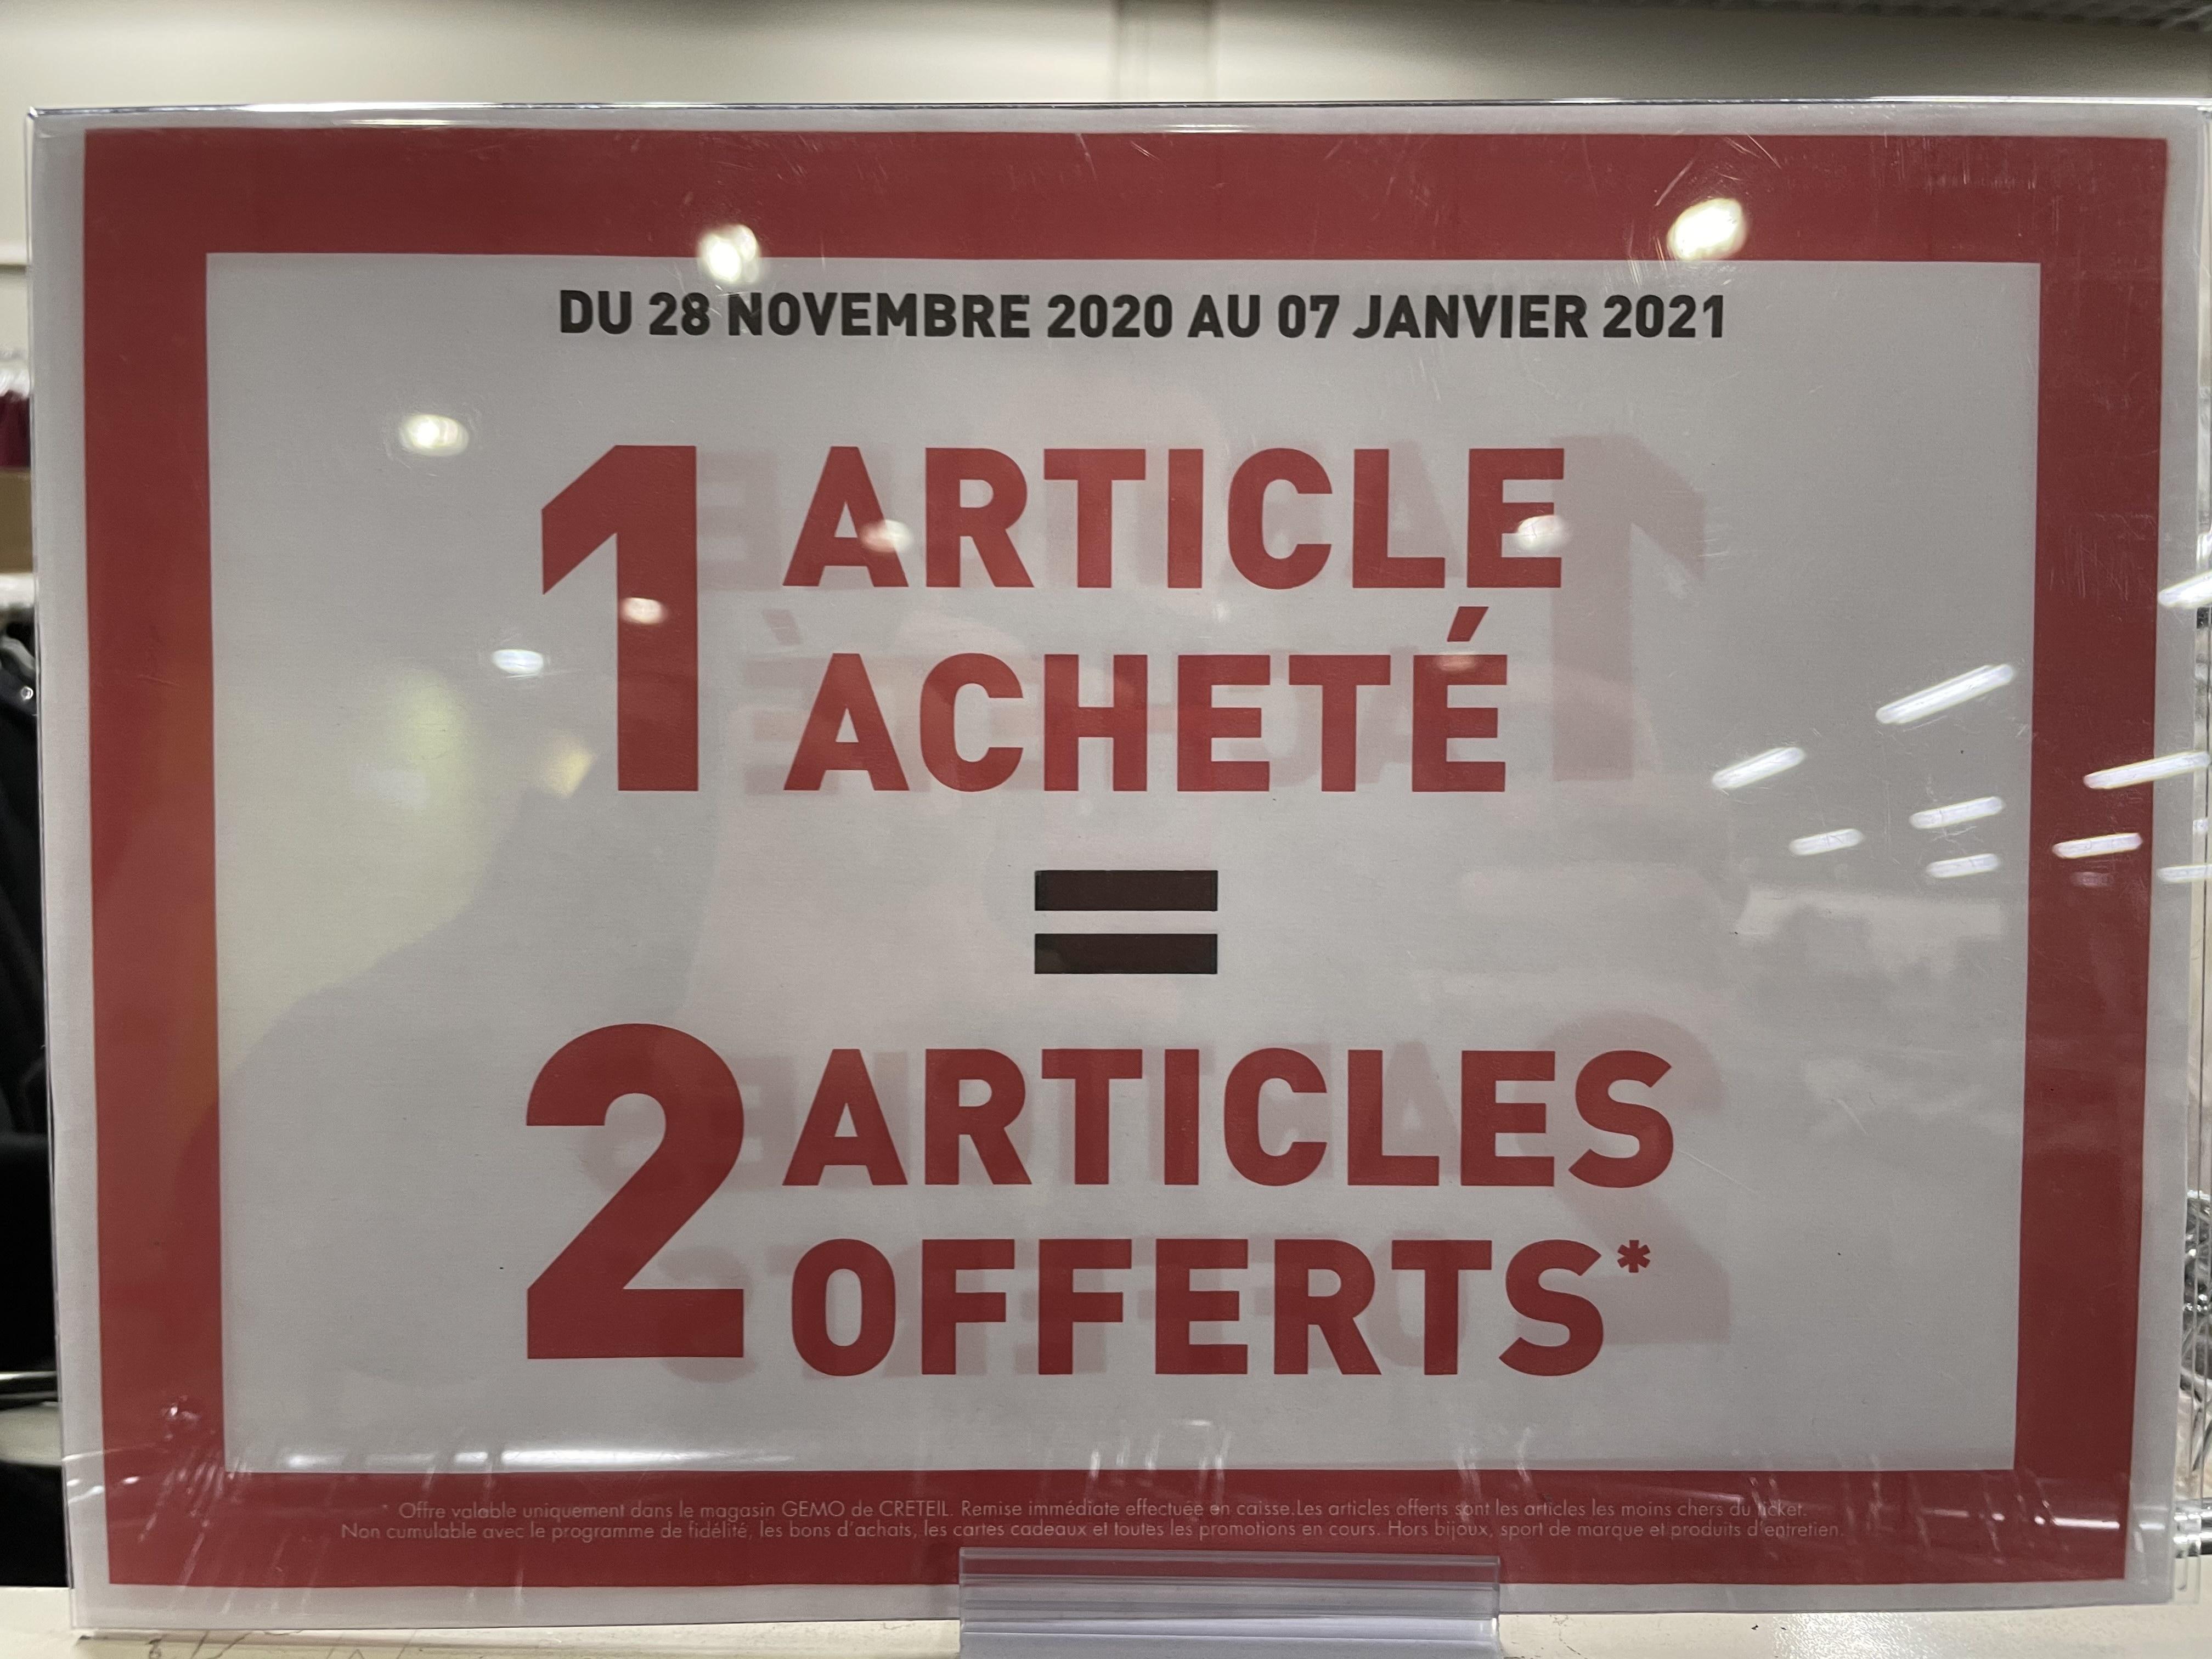 1 article acheté = 2 articles offerts (les moins chers) - Créteil (94)